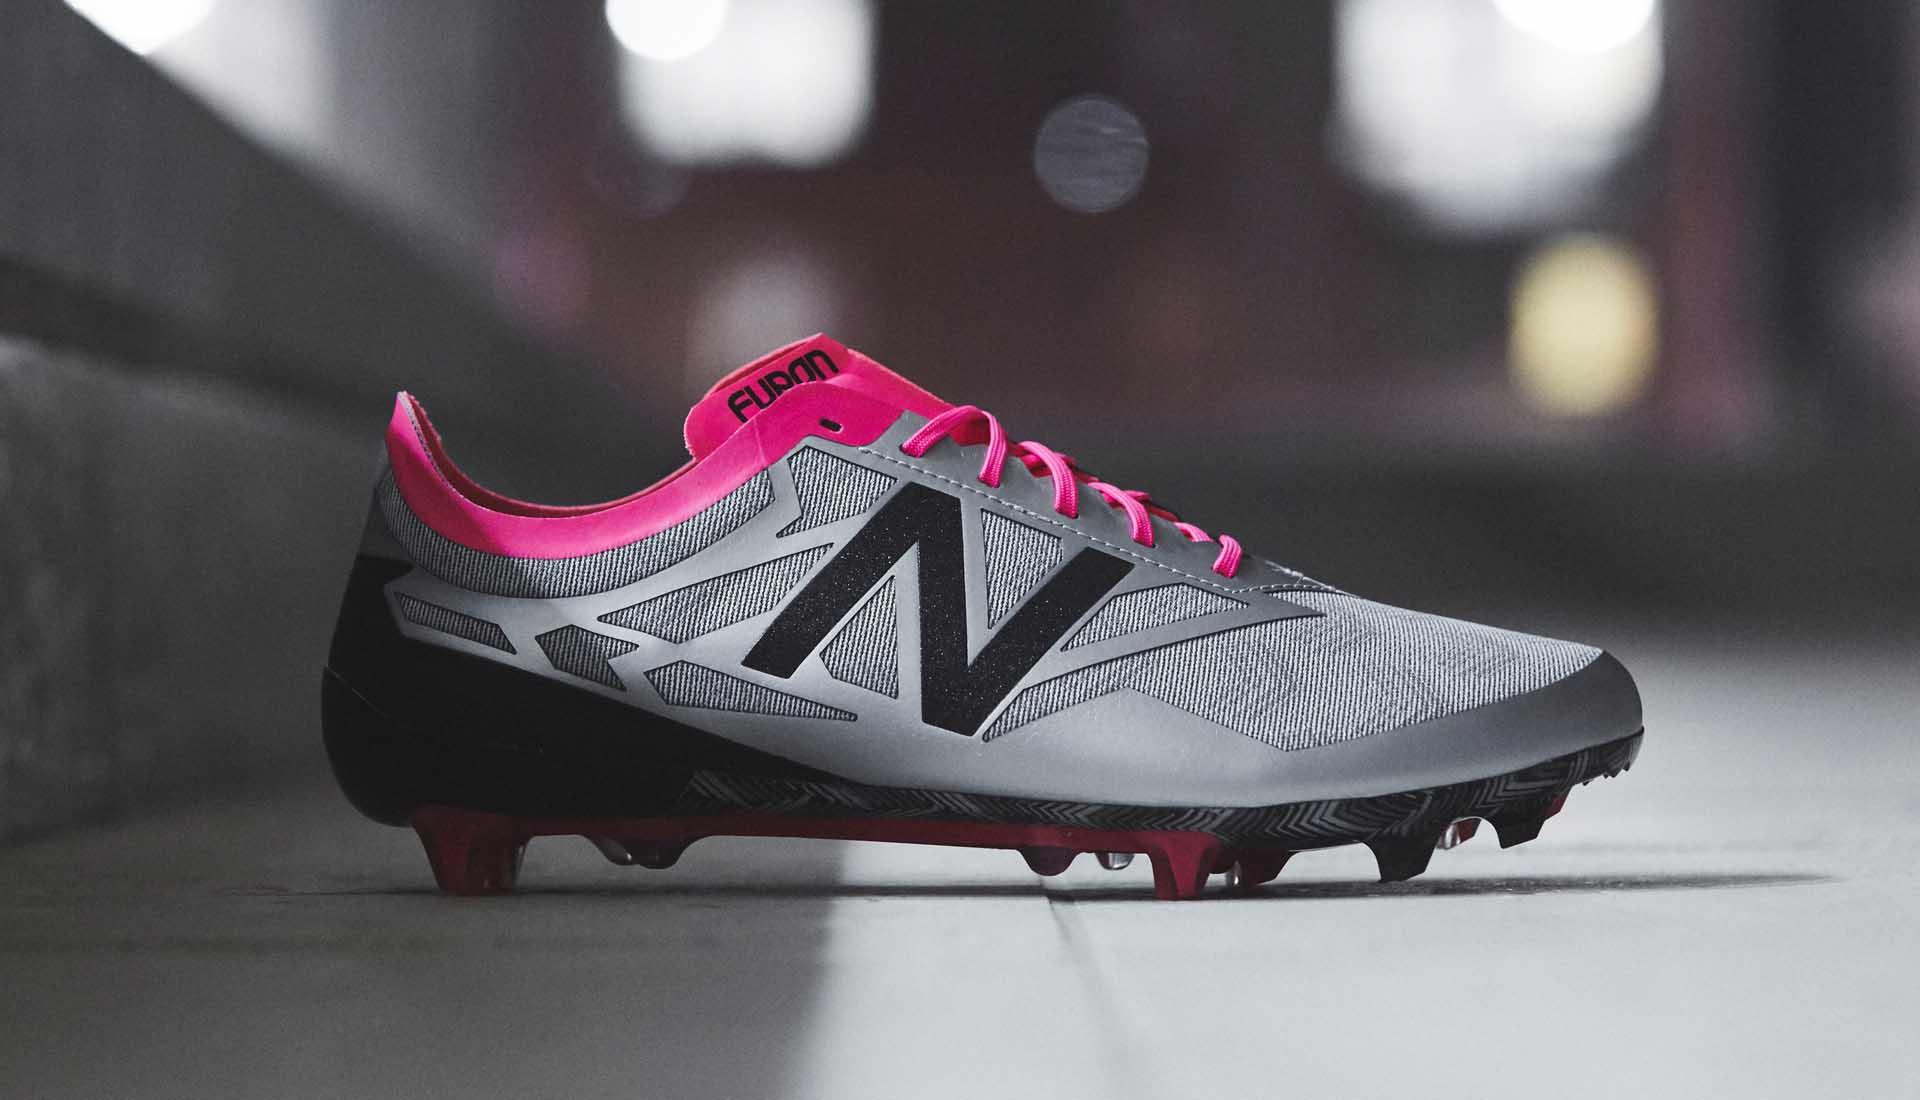 Unique Nike dévoile les nouvelles Mercurial Superfly et Vapor 360 | Foot  ZN72